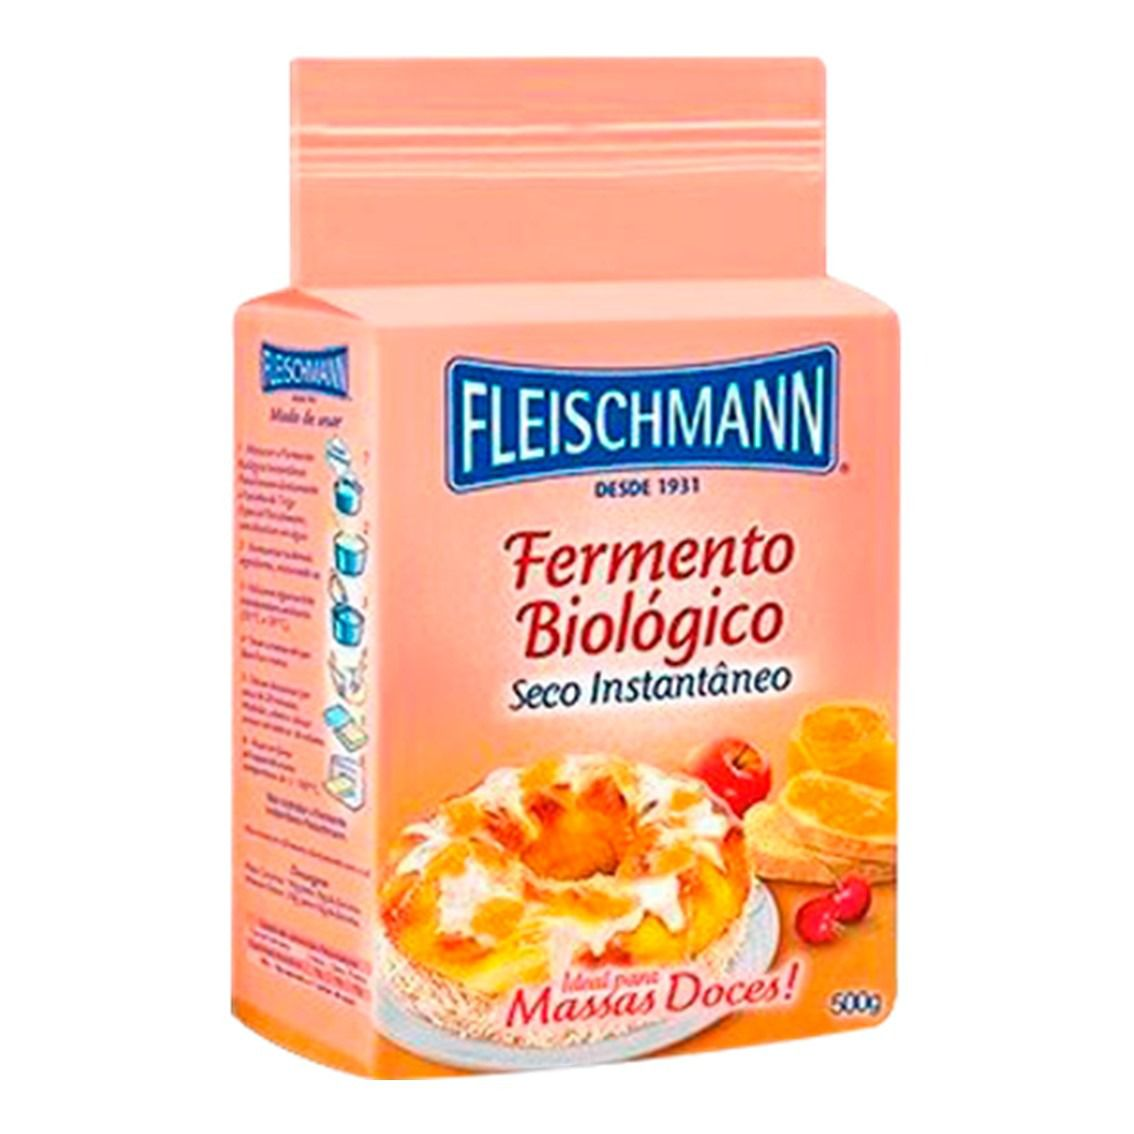 FERMENTO BIOLOGICO MASSA DOCE EM PO FLEISCHMANN  500G